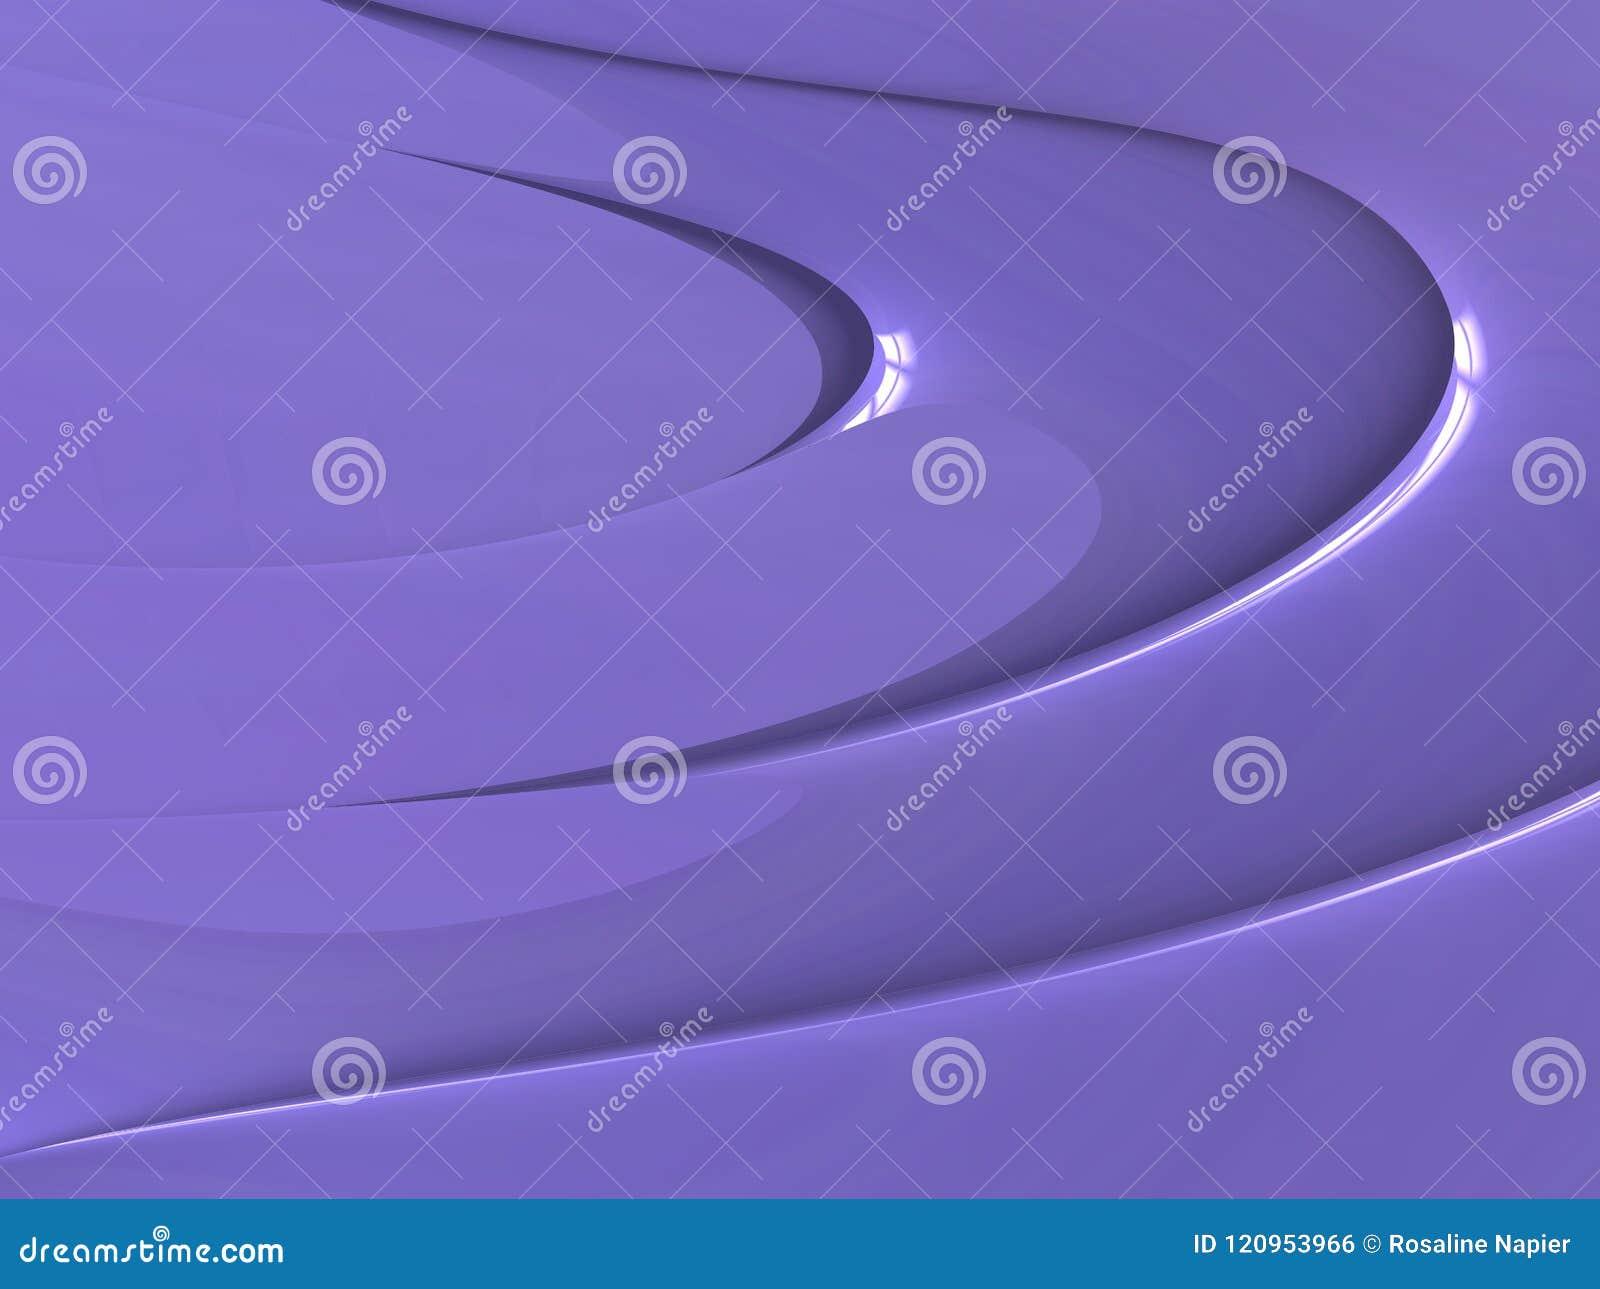 För kurvtapet för glans lila bakgrund